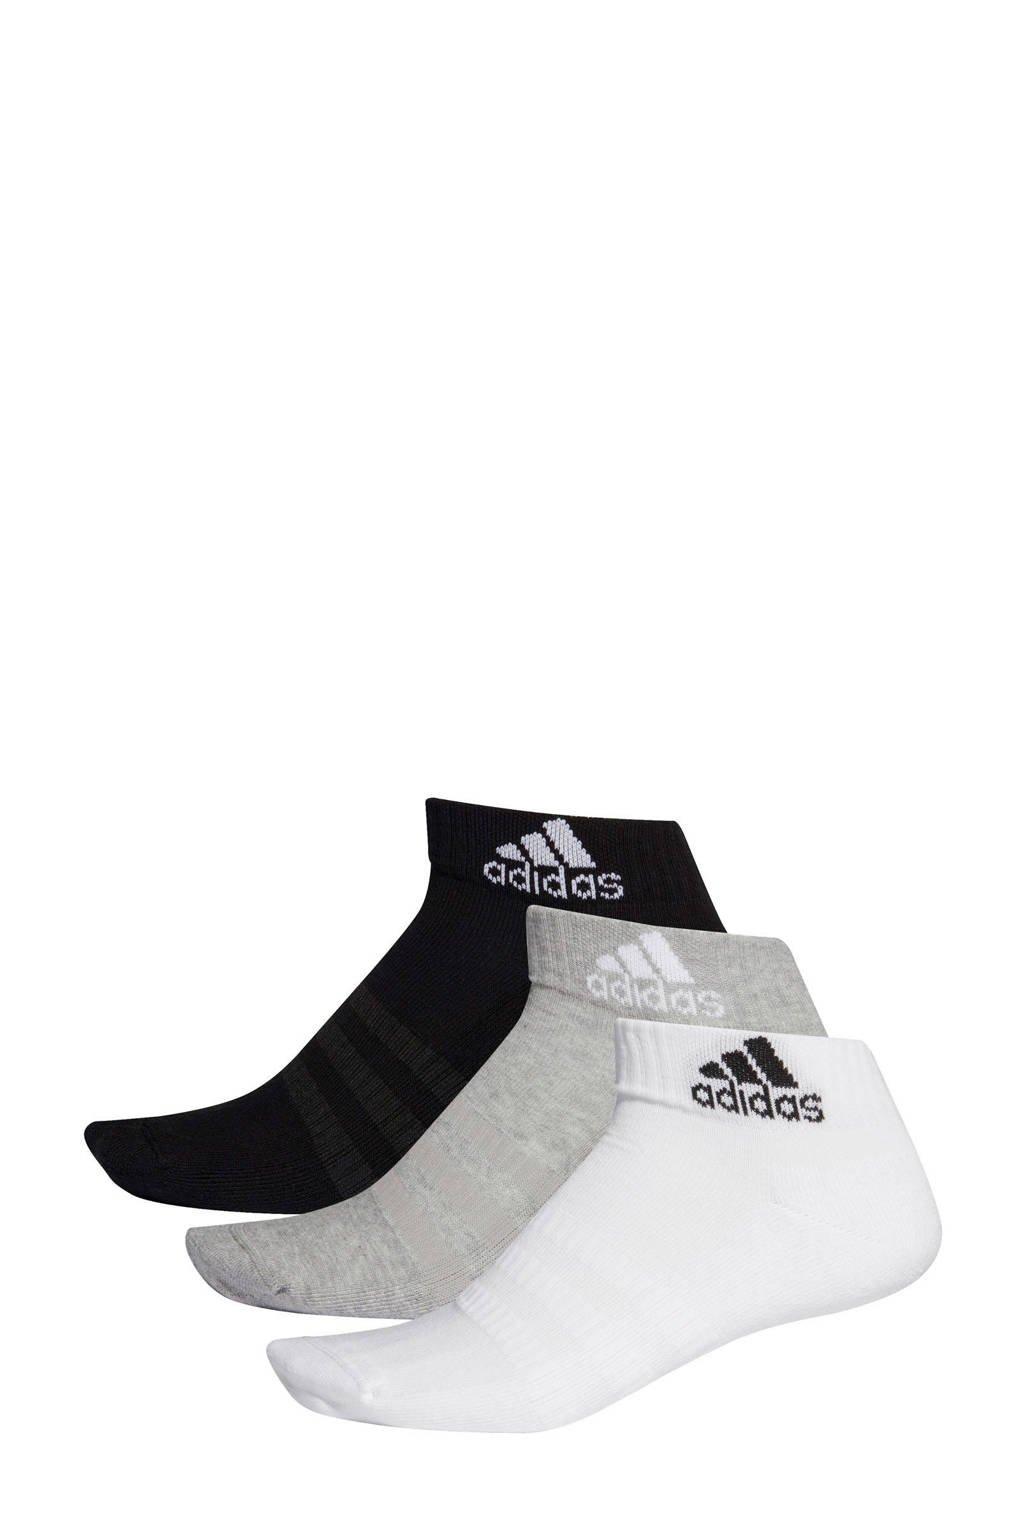 adidas performance   sportsokken (set van 3 paar) zwart/grijs/wit, Zwart/grijs/wit